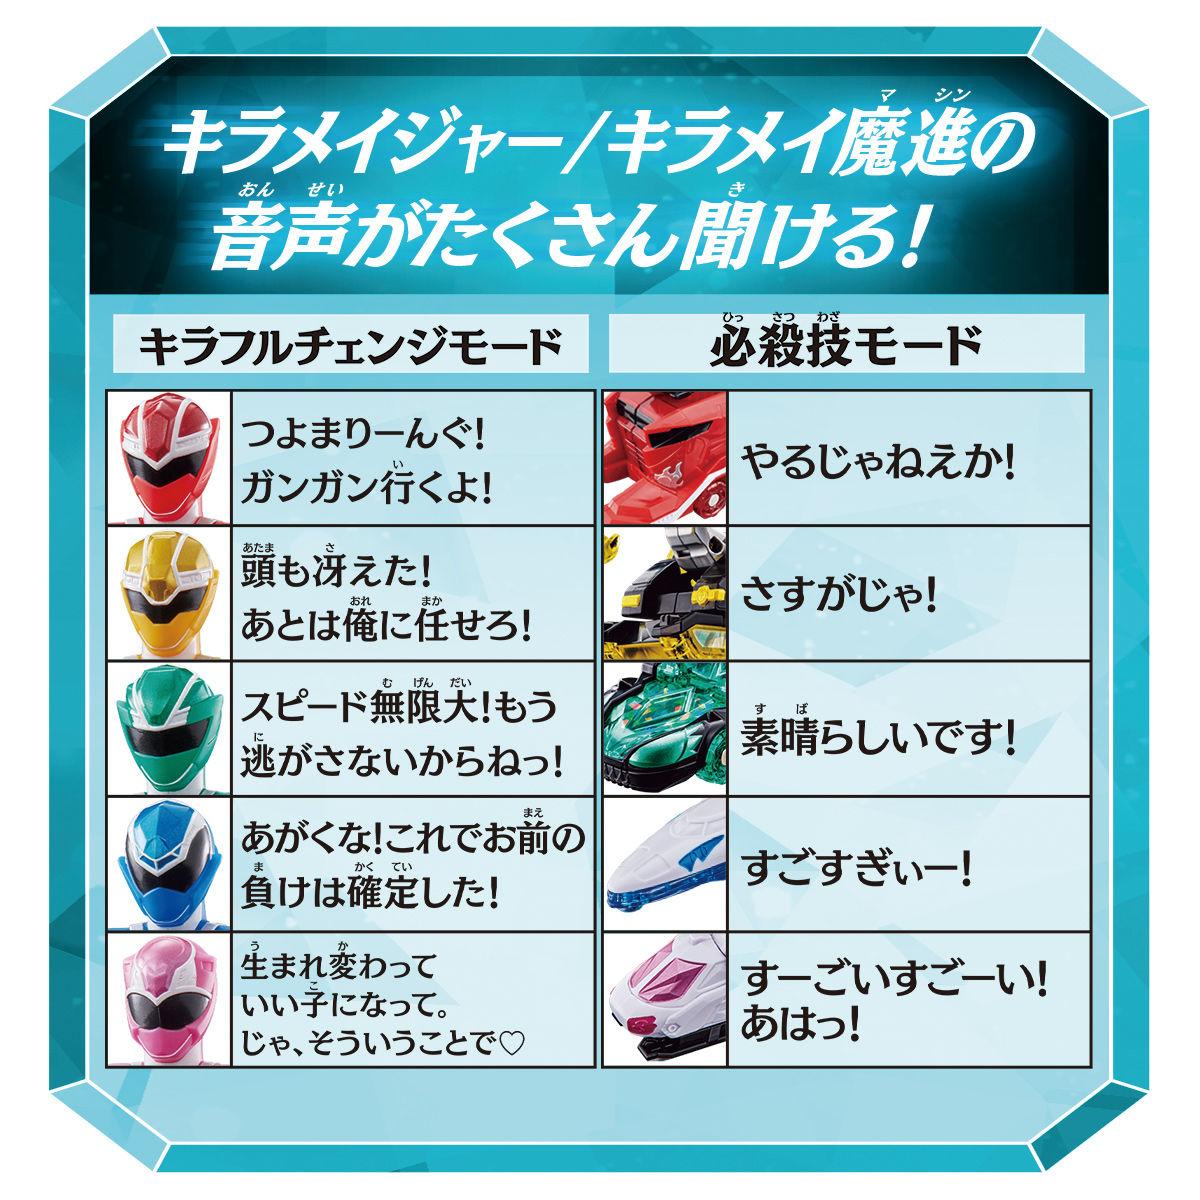 魔進戦隊キラメイジャー『最煌弓 DXキラフルゴーアロー』ゴーキラメイジャー 変身なりきり-005